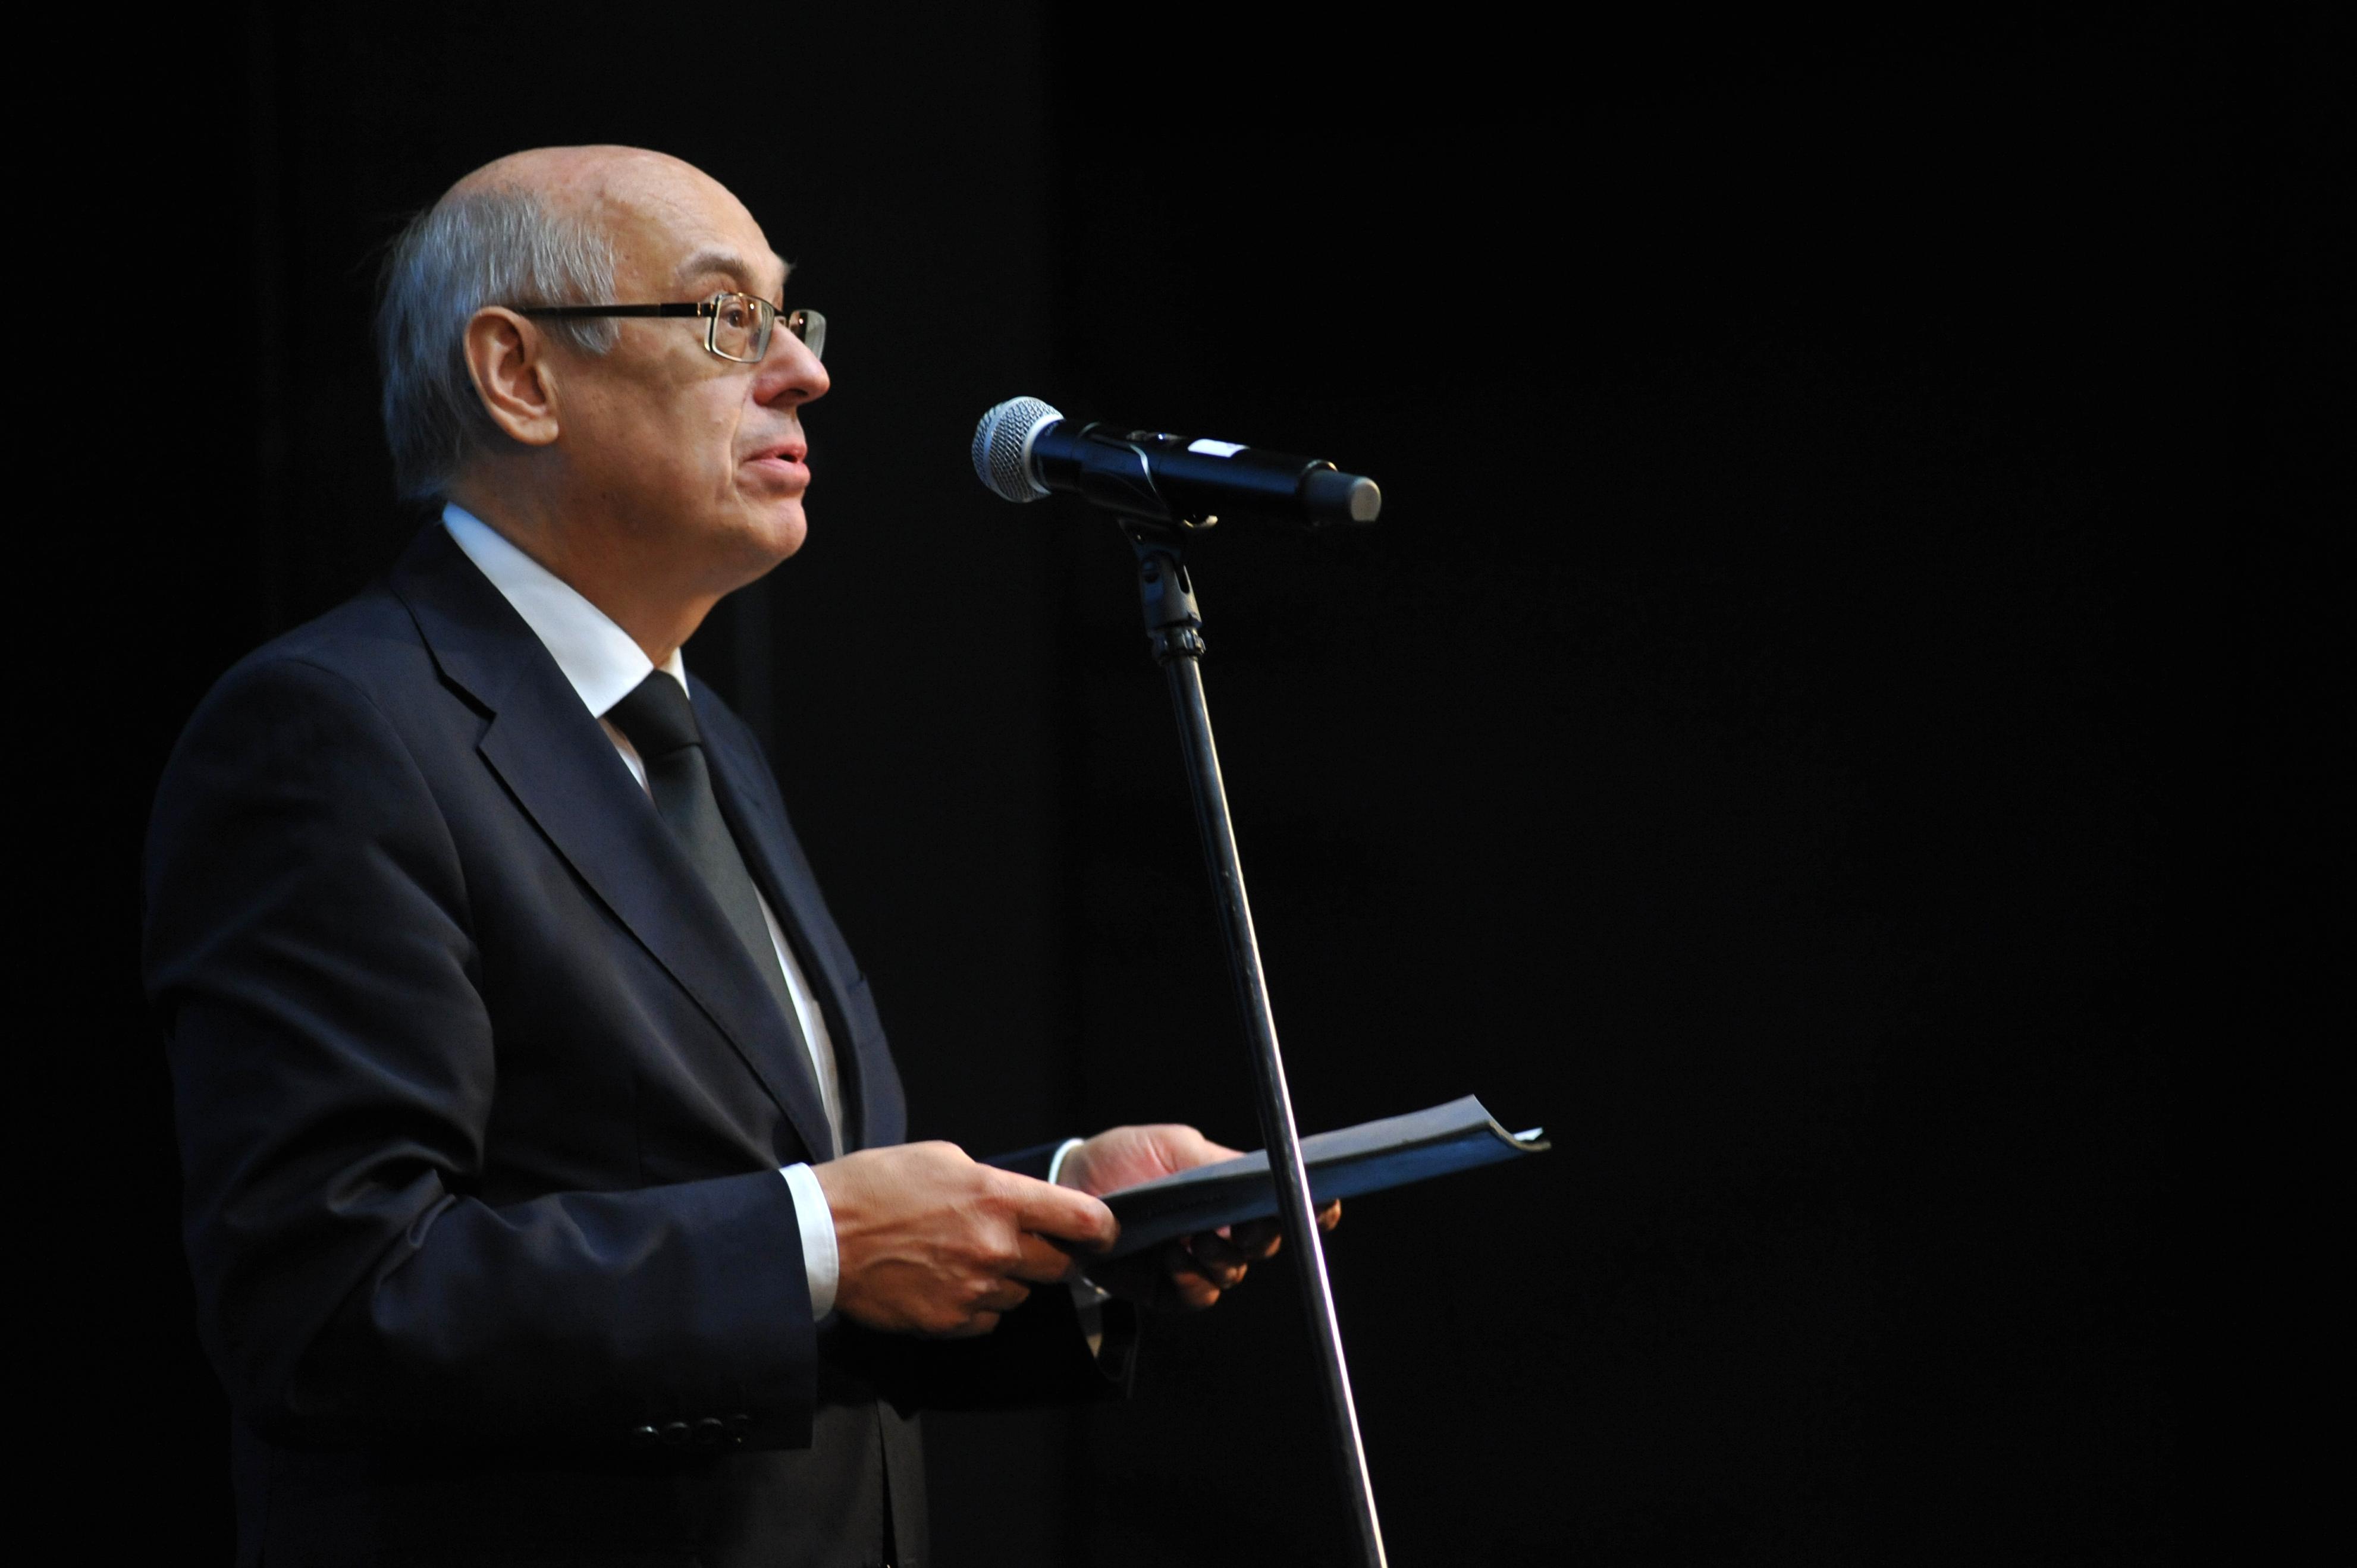 Zdzisław Krasnodębski został wiceprzewodniczącym Parlamentu Europejskiego